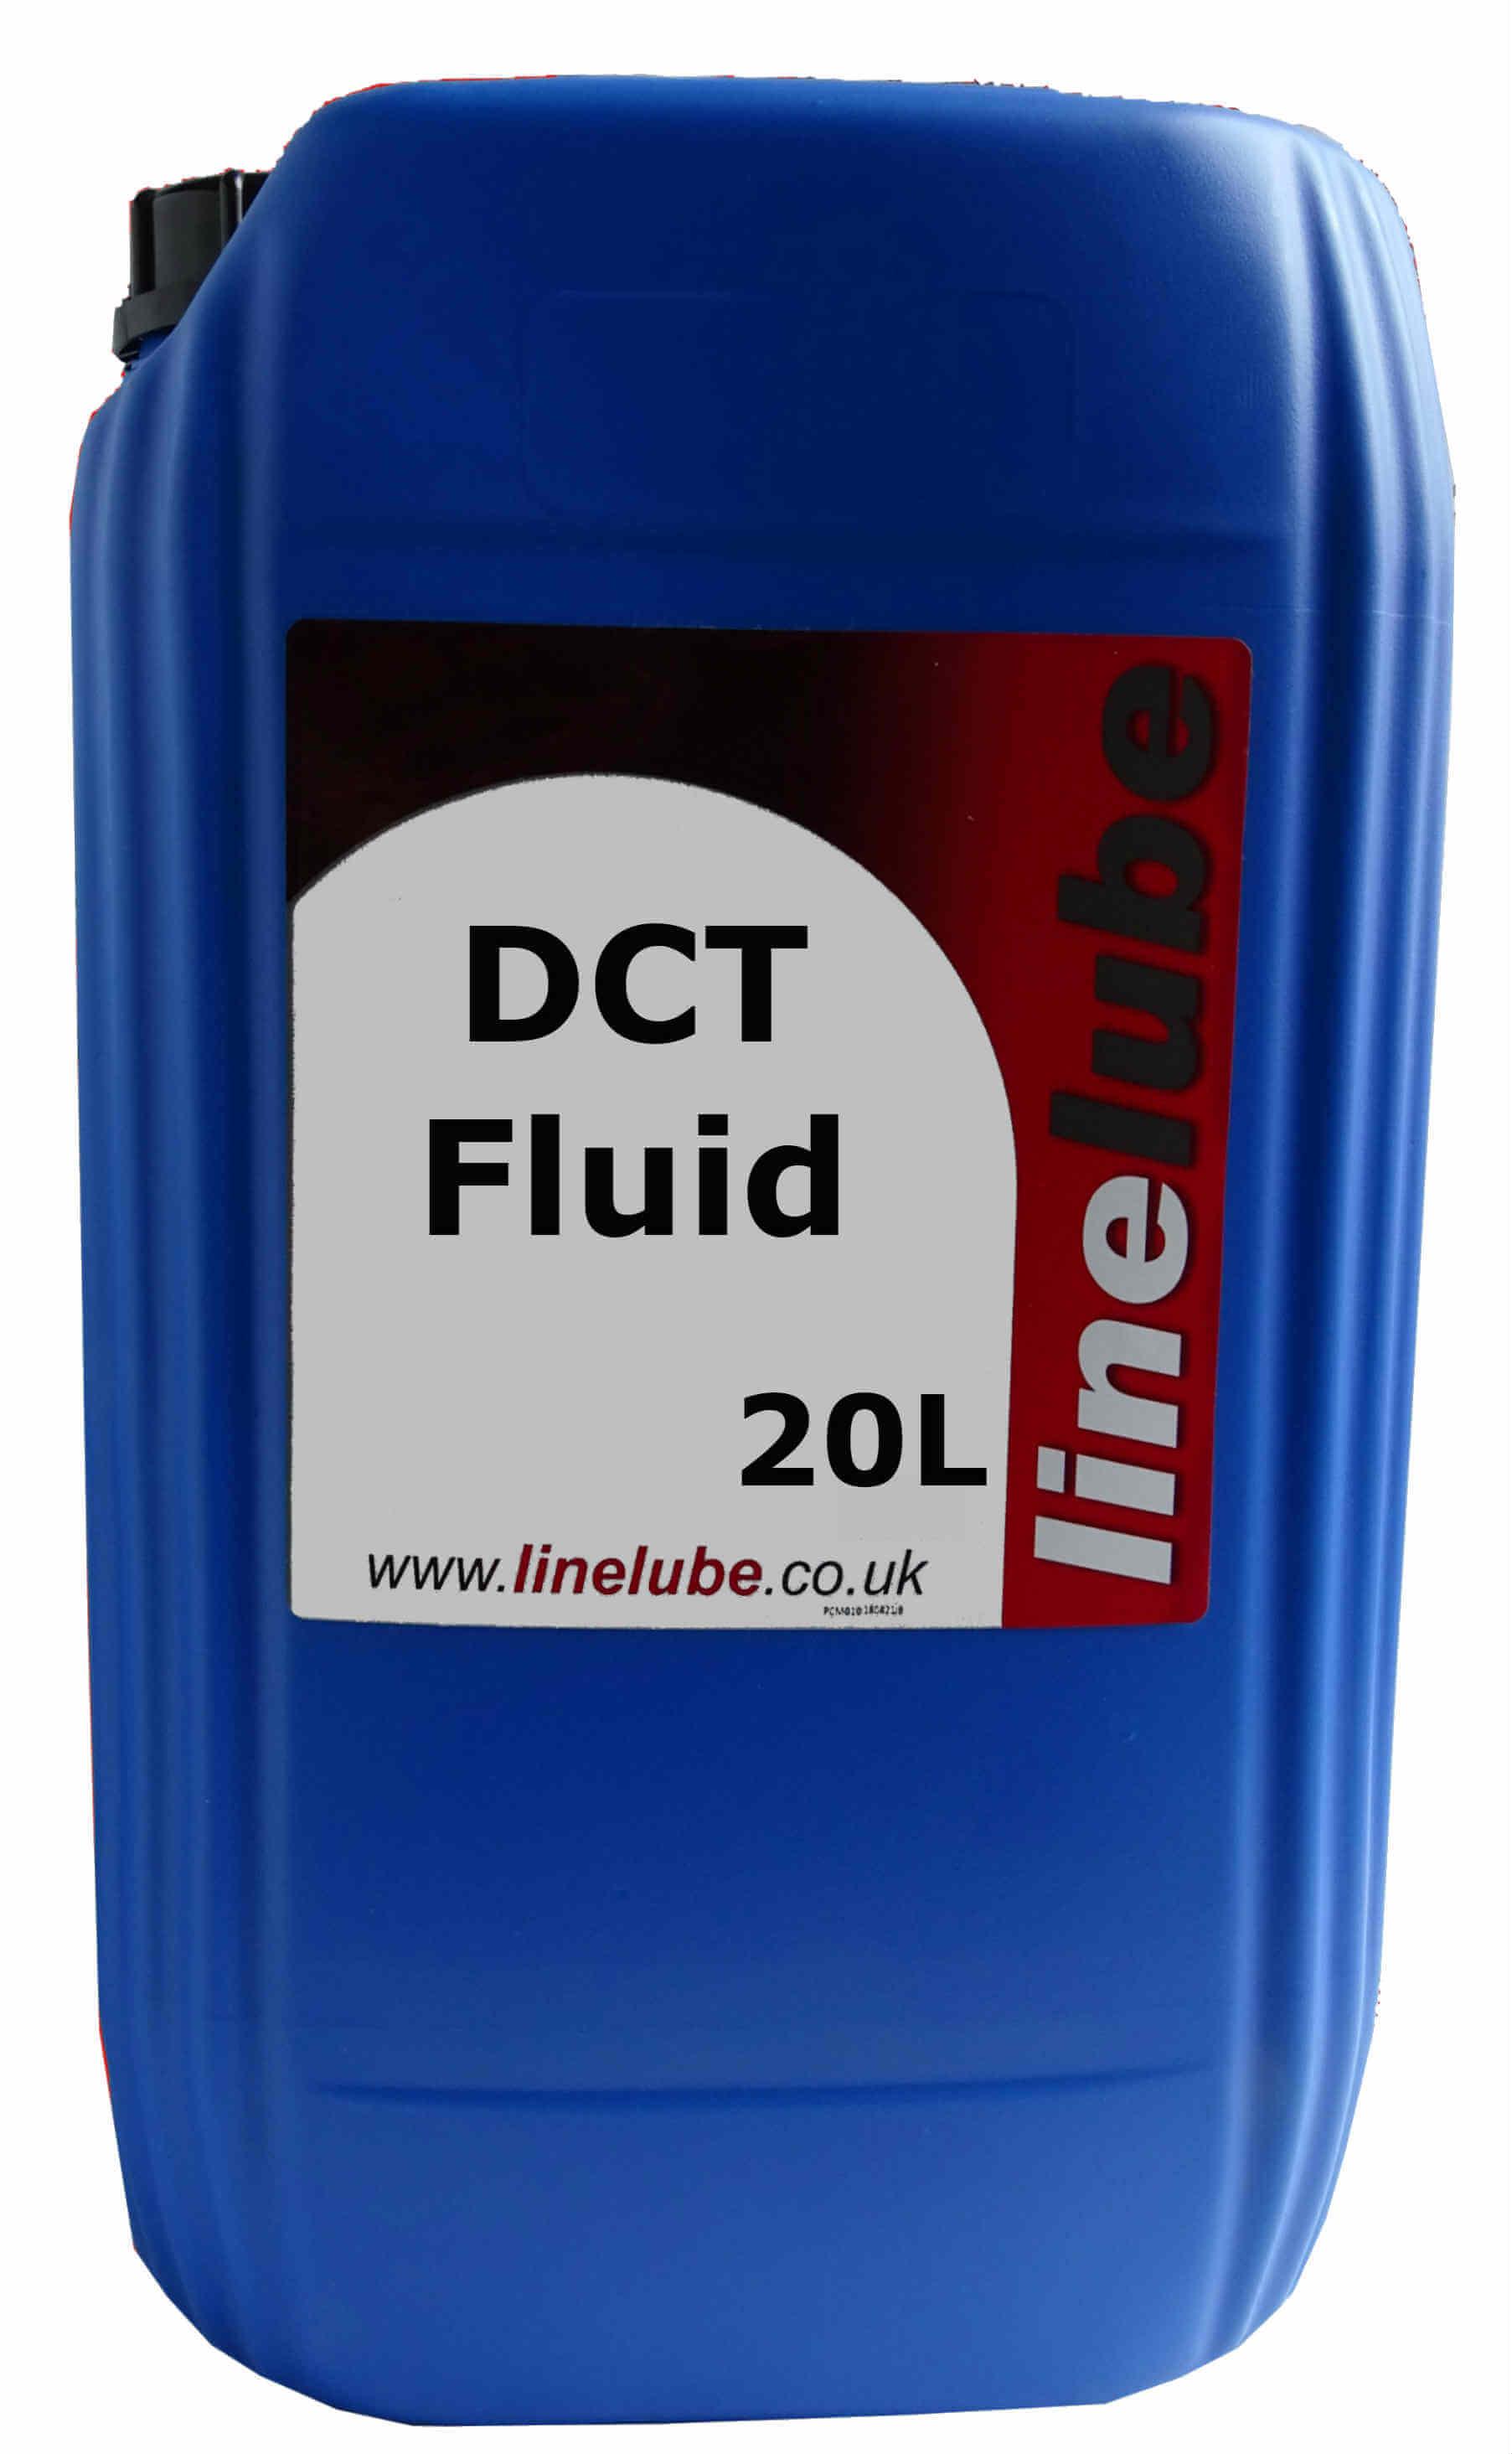 linelube DCT Fluid